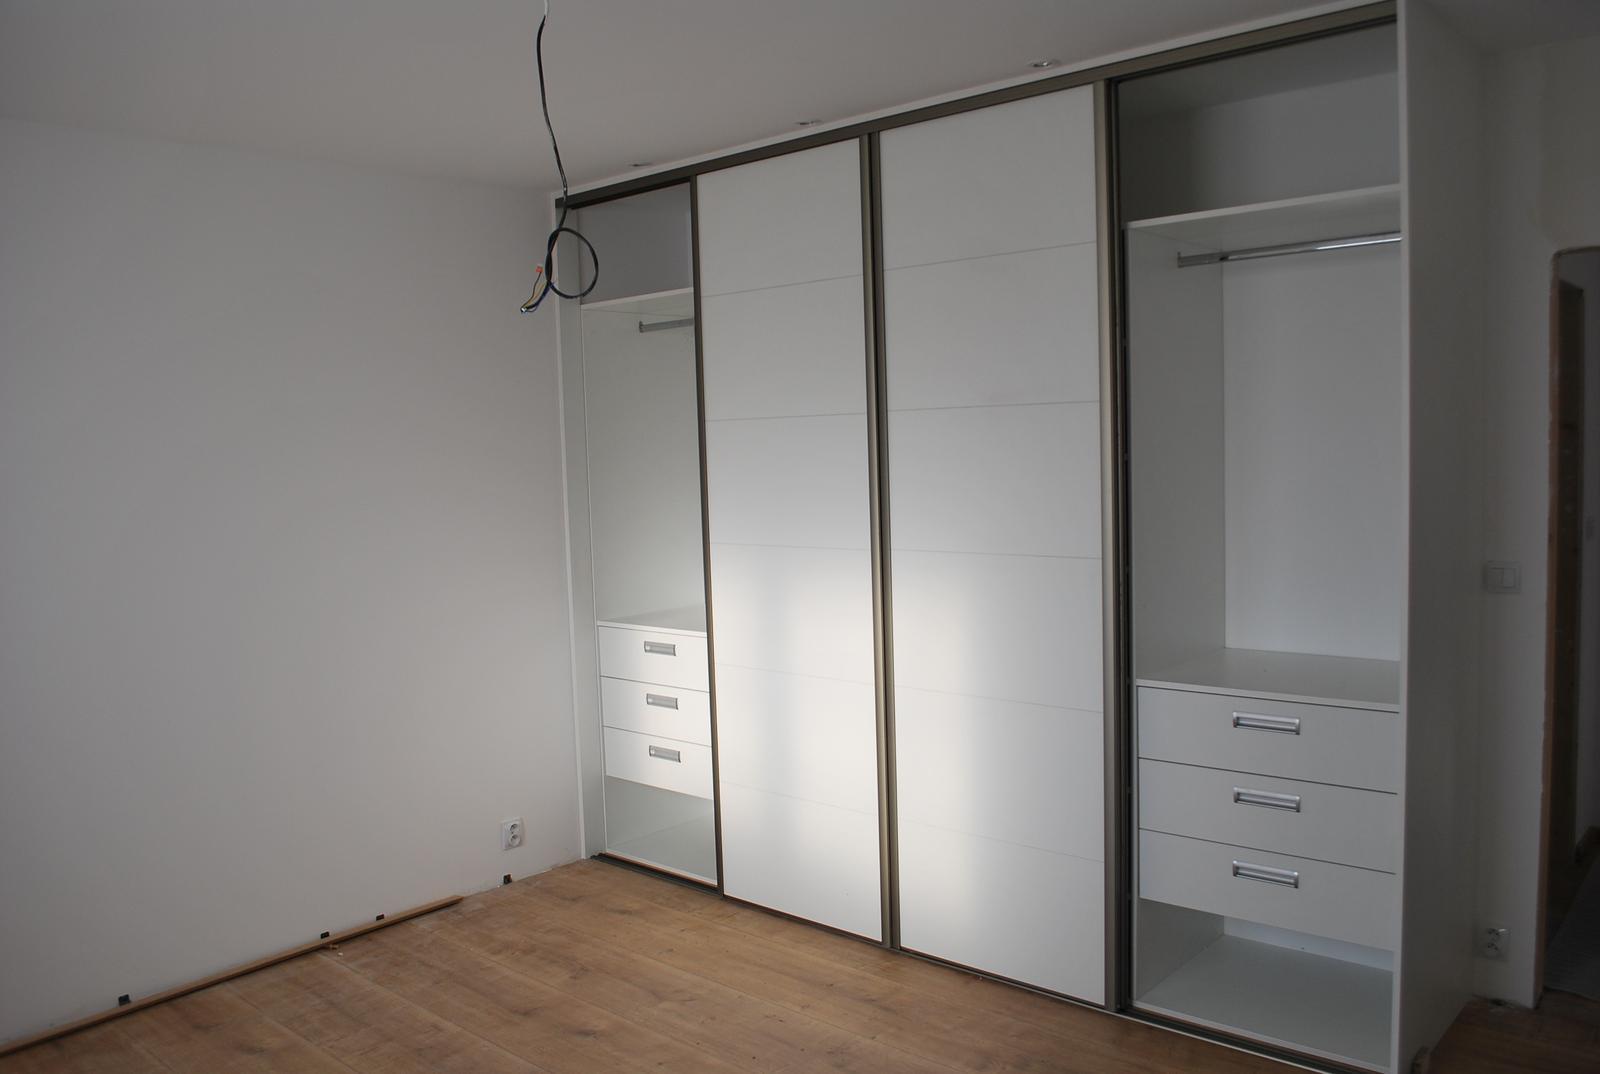 Ďalšie vstavané skrine - Vstavaná skriňa biela perlička